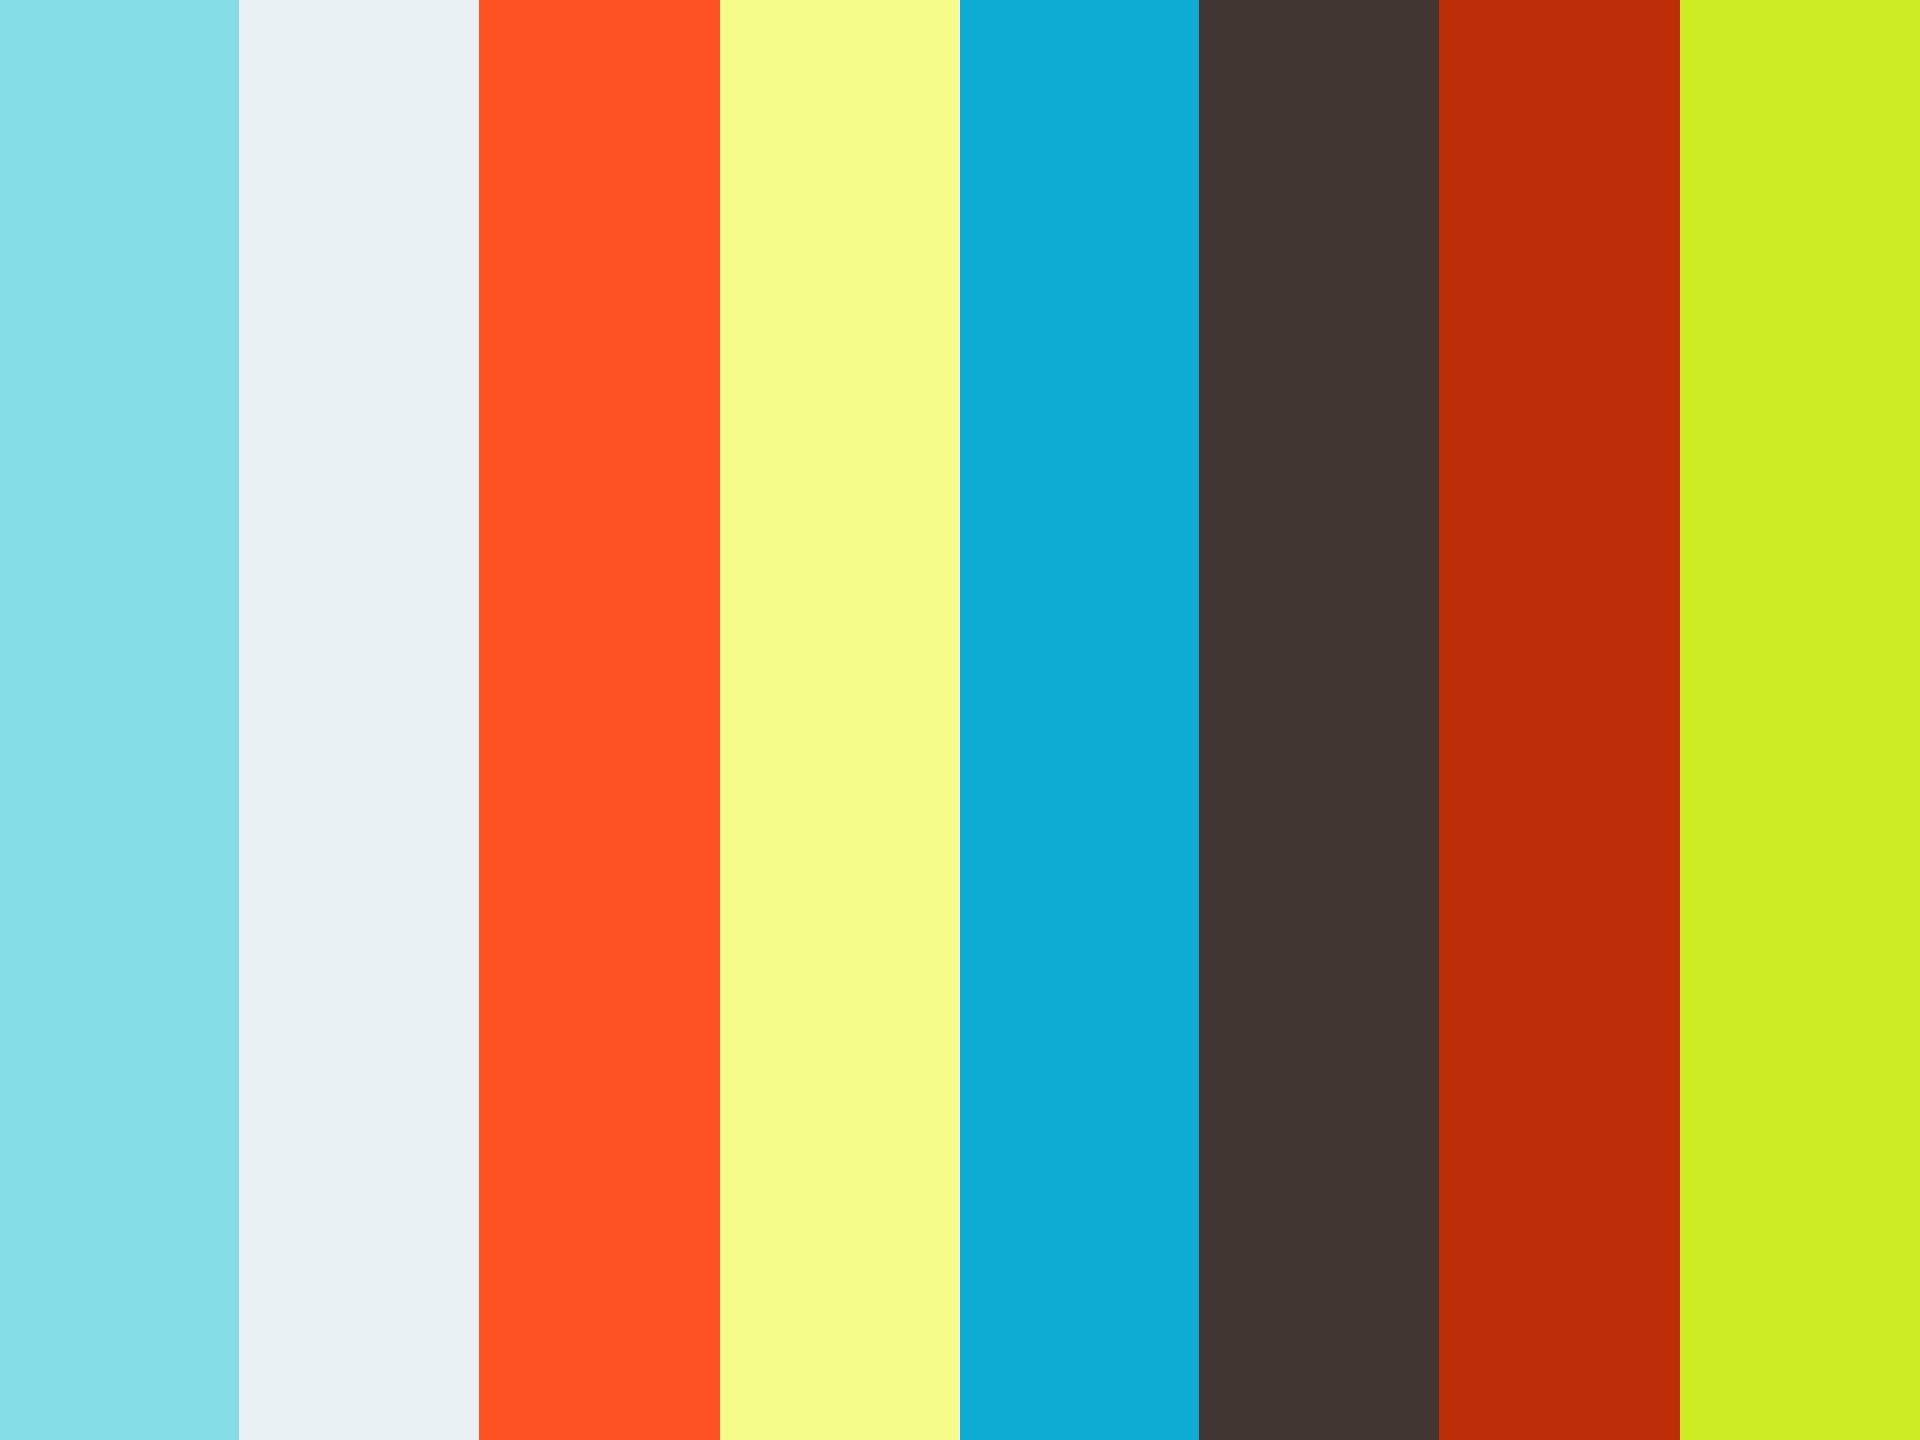 【短片】【港人講情】上環:美華旗袍 多情裁縫守業近百年 on Vimeo